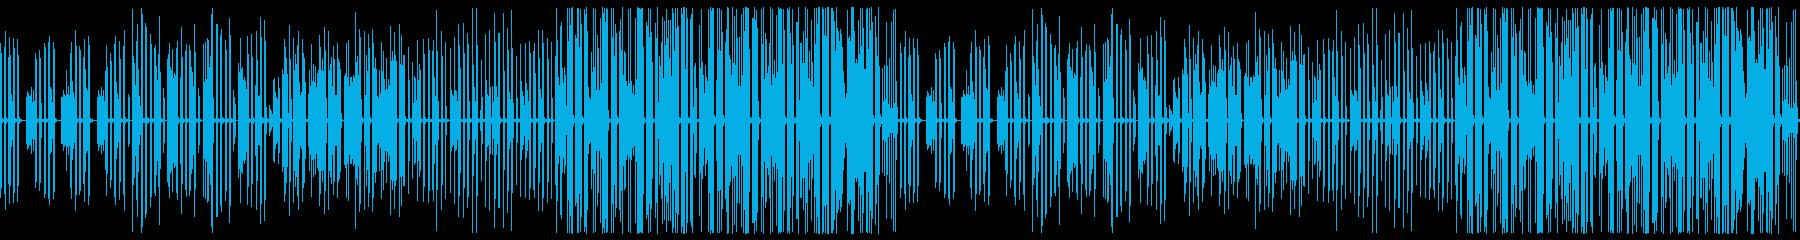 まったり・のんびり・日常/ループ仕様の再生済みの波形